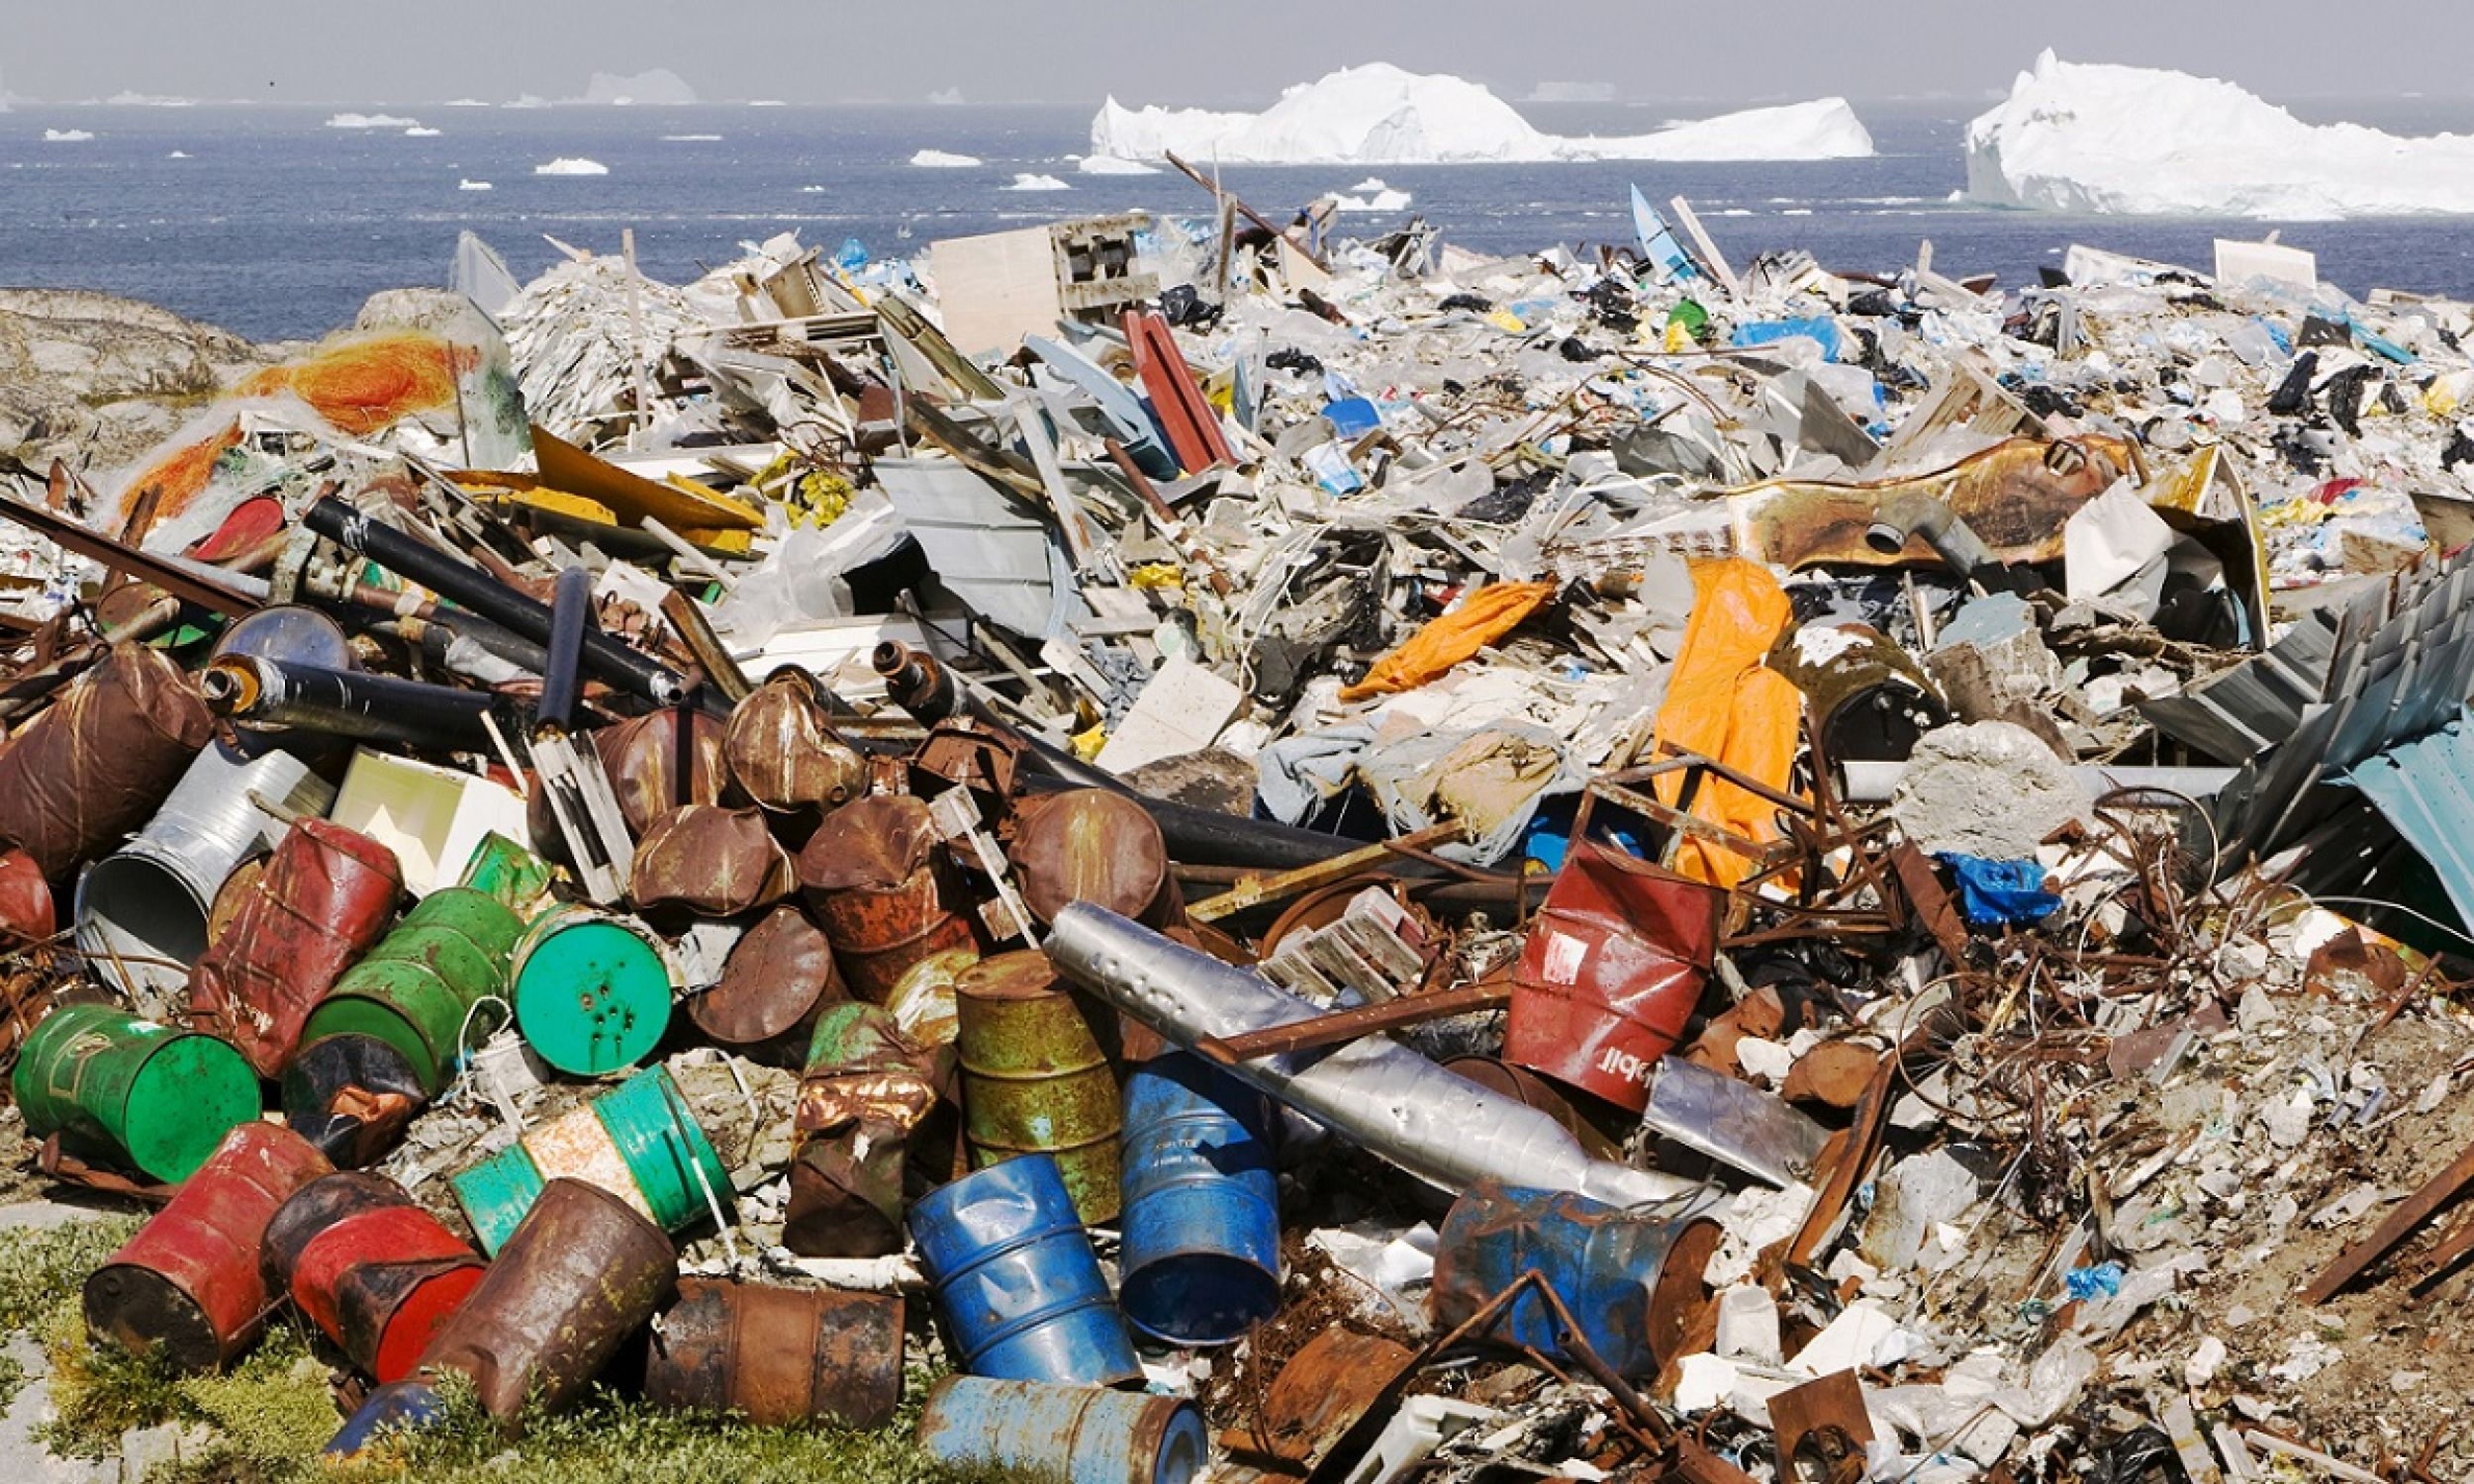 Beczki po ropie wyrzucone w okolicy miasta Ilulissat w Grenlandii, w tle góry lodowe Icefjord w lipcu 2008. Zdjęcie Ashleya Coopera, którego potem aresztowano w Chinach za fotografowanie niszczycielskich skutków zmian klimatu. 54-latek obrazował książkę, opisującą efekty globalnego ocieplenia od Alaski, gdzie rozpoczął podróż, do Boliwii, gdzie skończył. 14 lat wcześniej był świadkiem, jak z powodu tych zmian domy utraciło 600 mieszkańców Alaski. Fot. Ashley Cooper/Barcroft Media via Getty Images